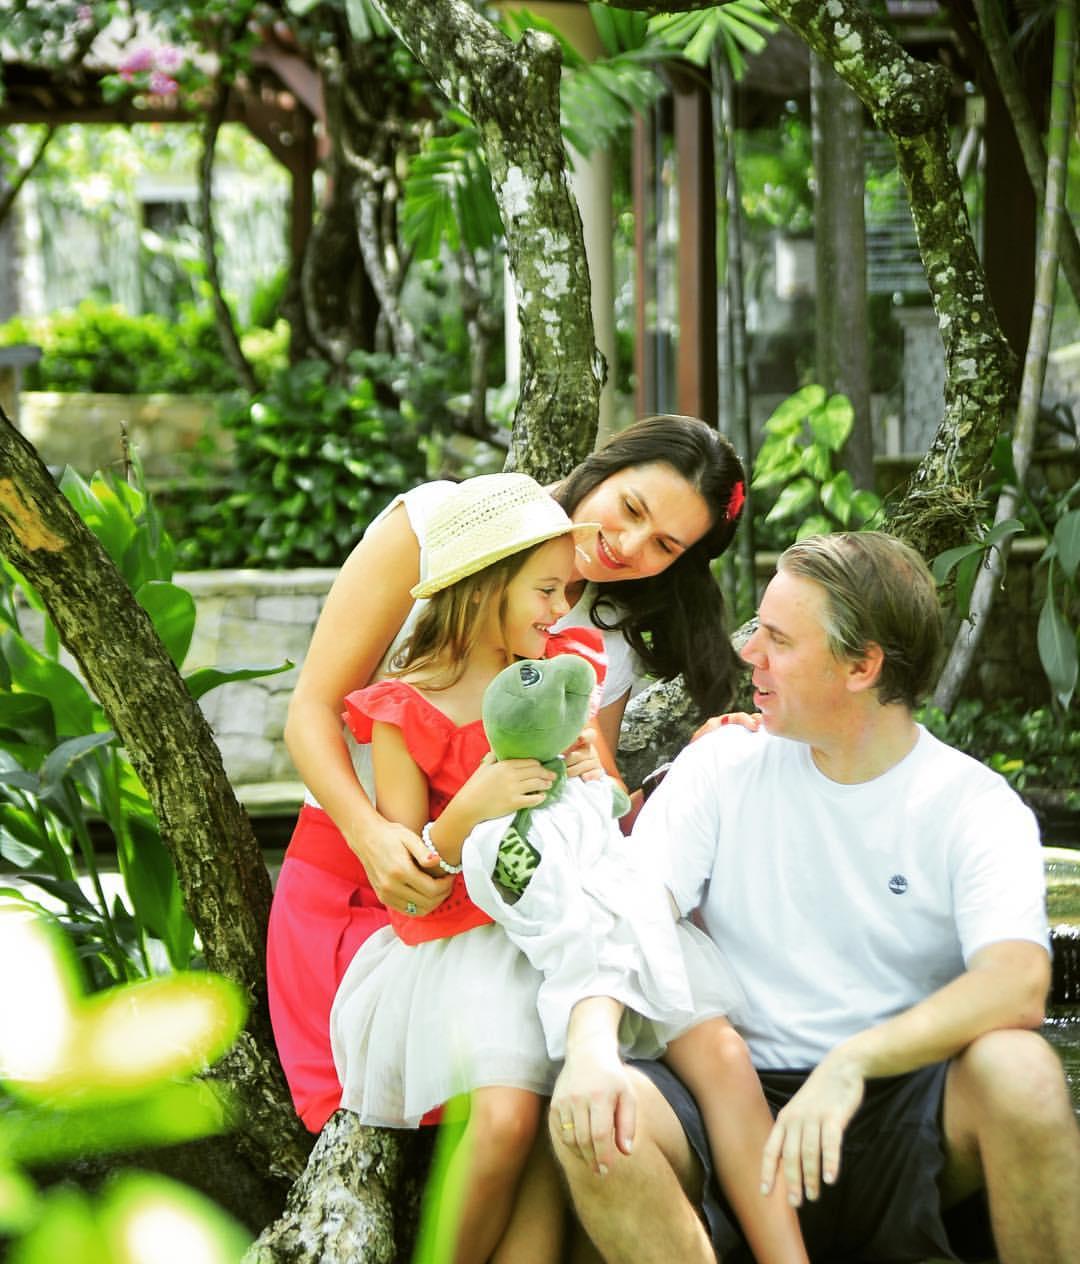 Familie im Garten Seminyak Bali